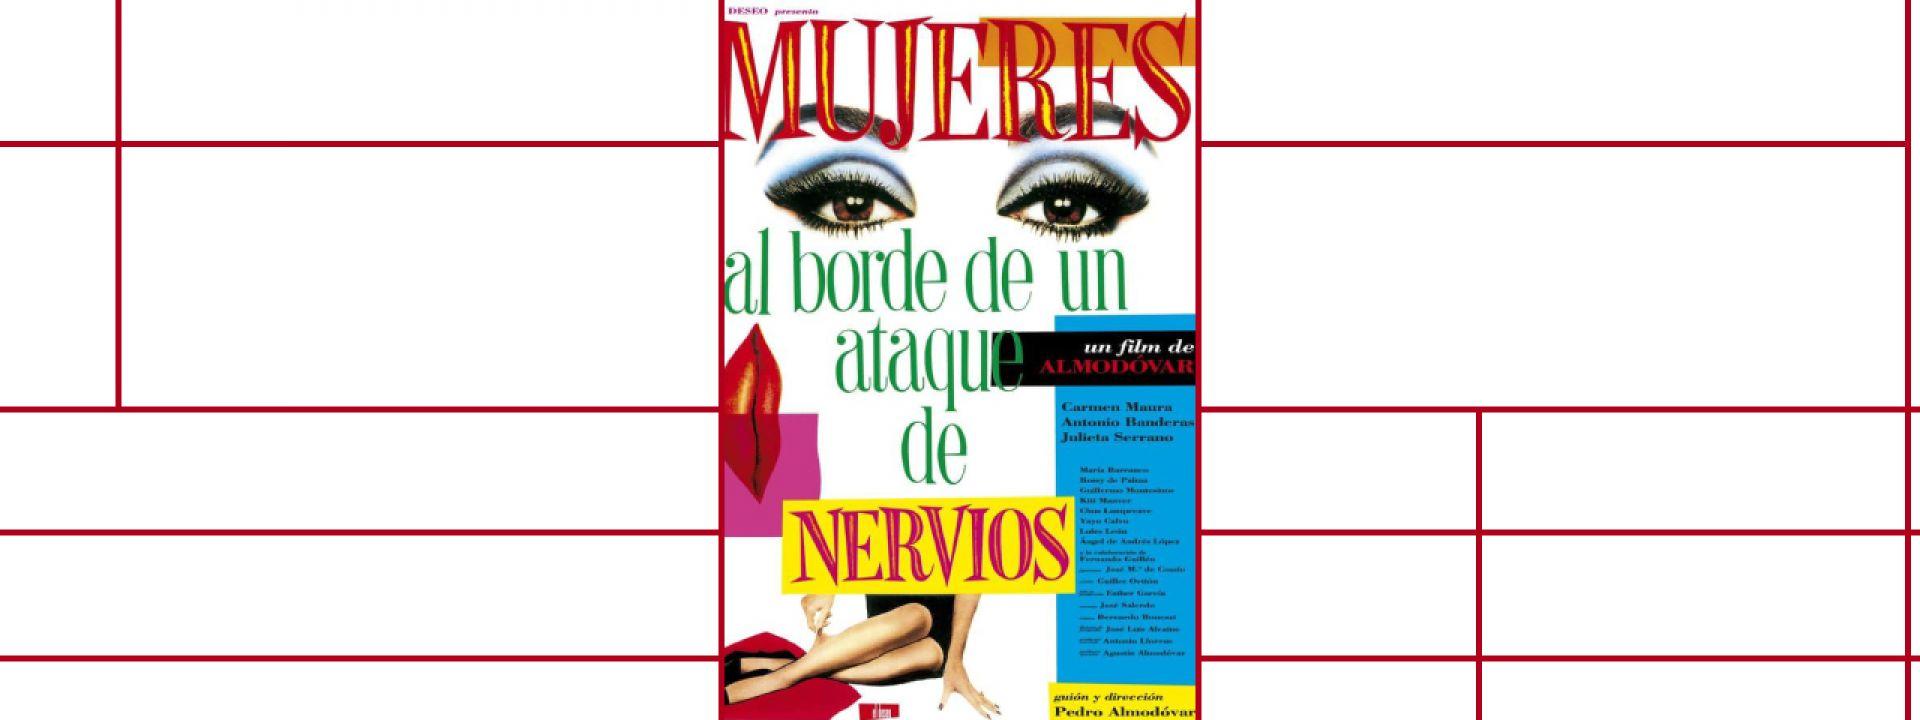 """Εικαστικό για την ταινία του Πέδρο Αλμοδόβαρ """"Γυναίκες στα πρόθυρα νευρικής κρίσης"""""""